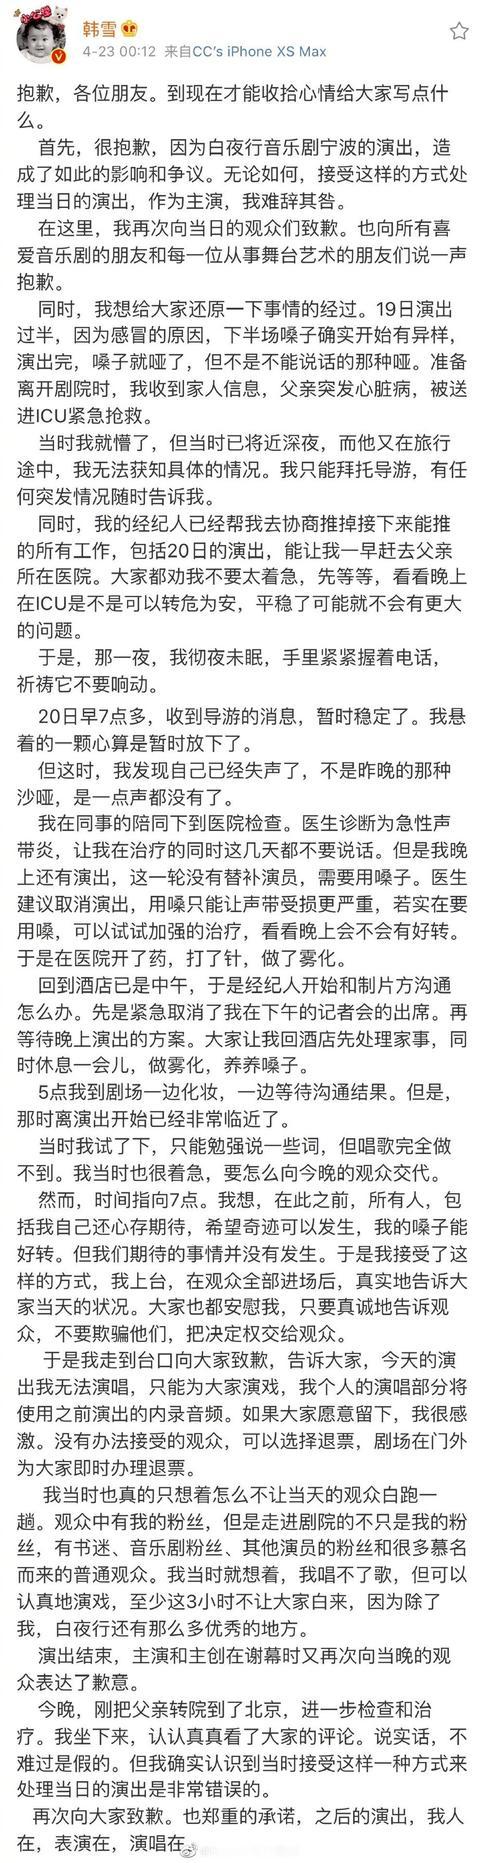 韩雪为假唱道歉却不提音乐剧有B角,郑秀文失声表演心得驳斥了她